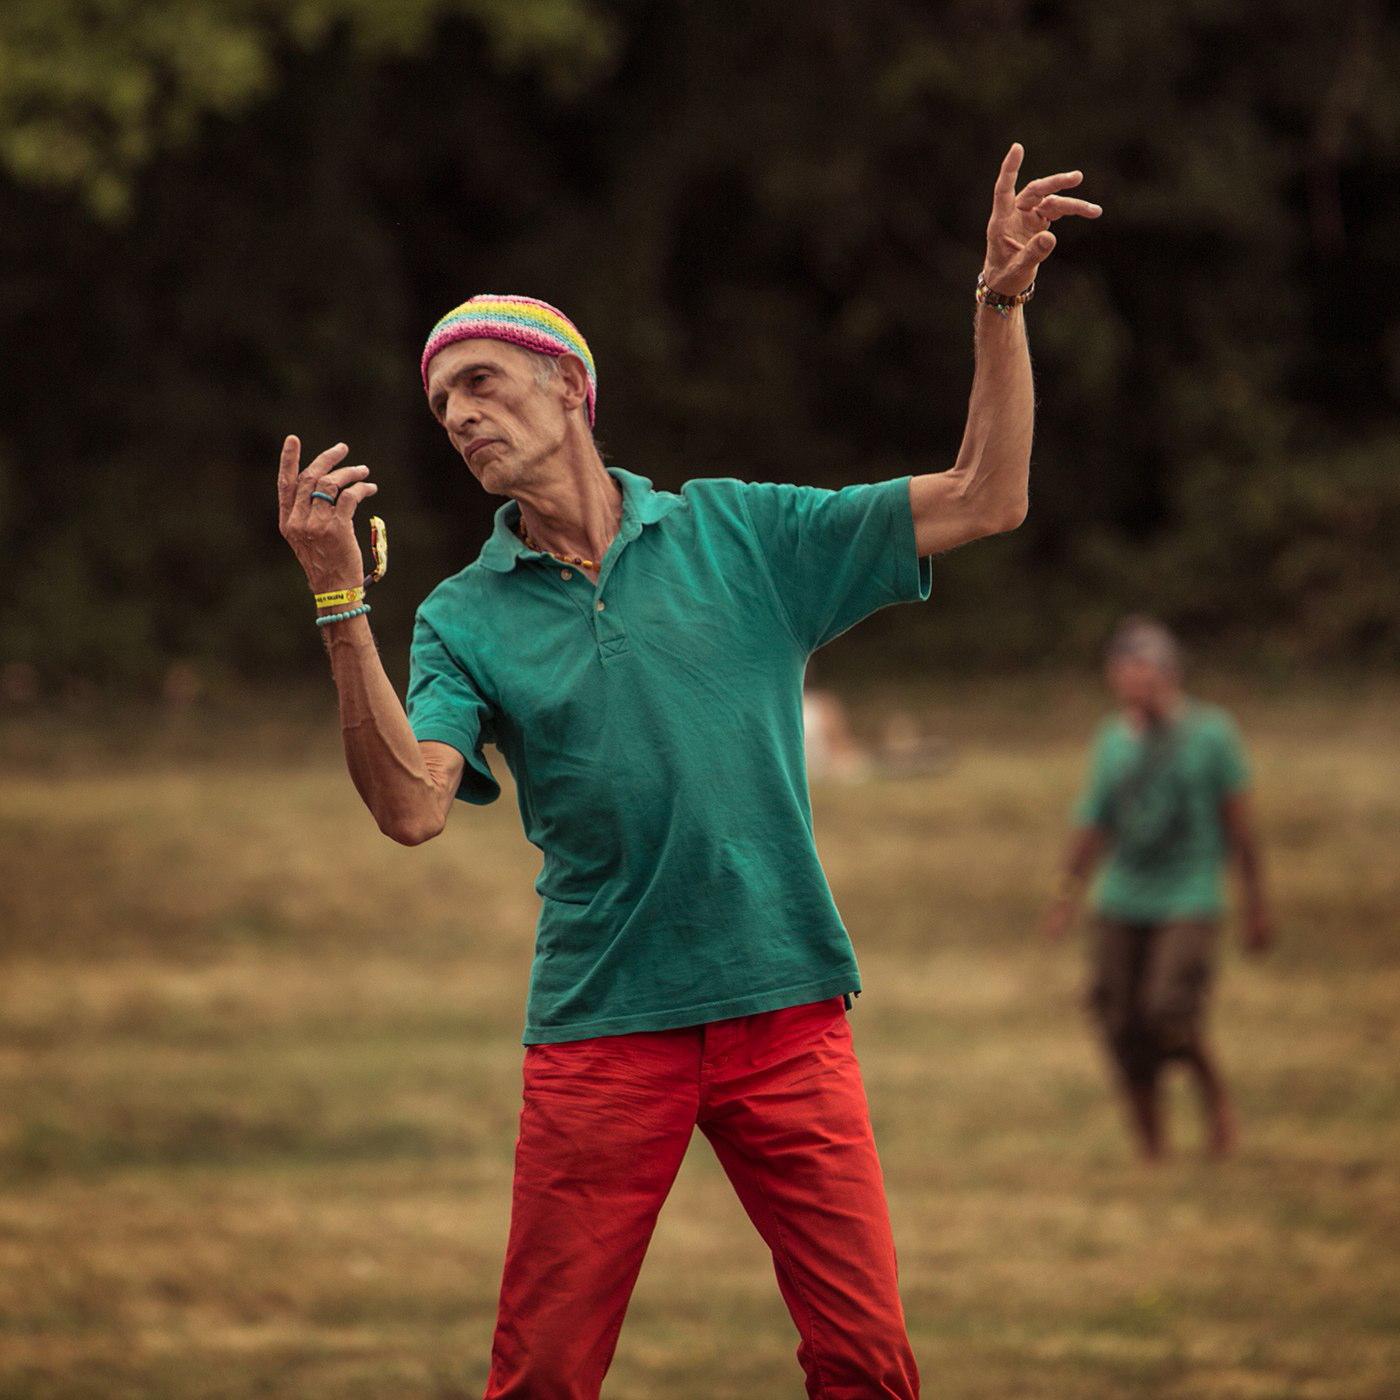 Danseur bonnet carré